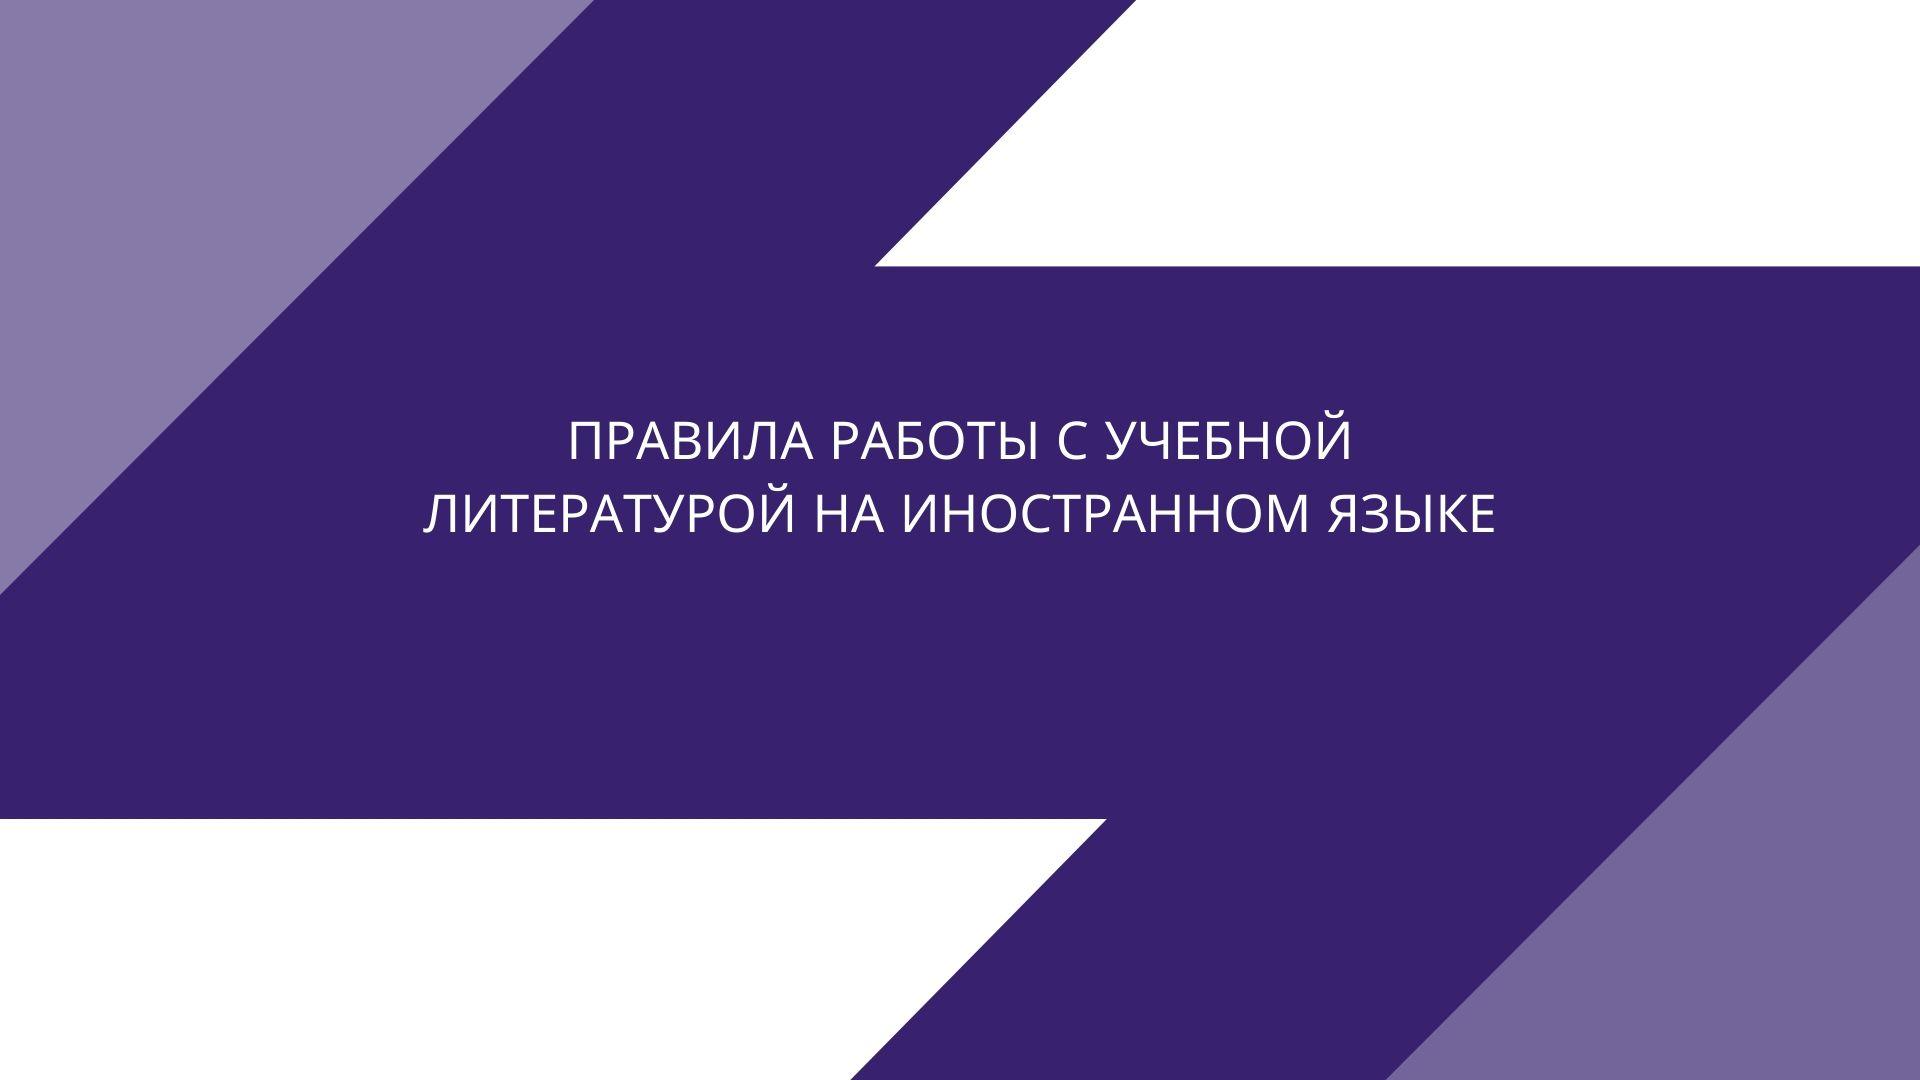 Правила работы с учебной литературой на иностранном языке